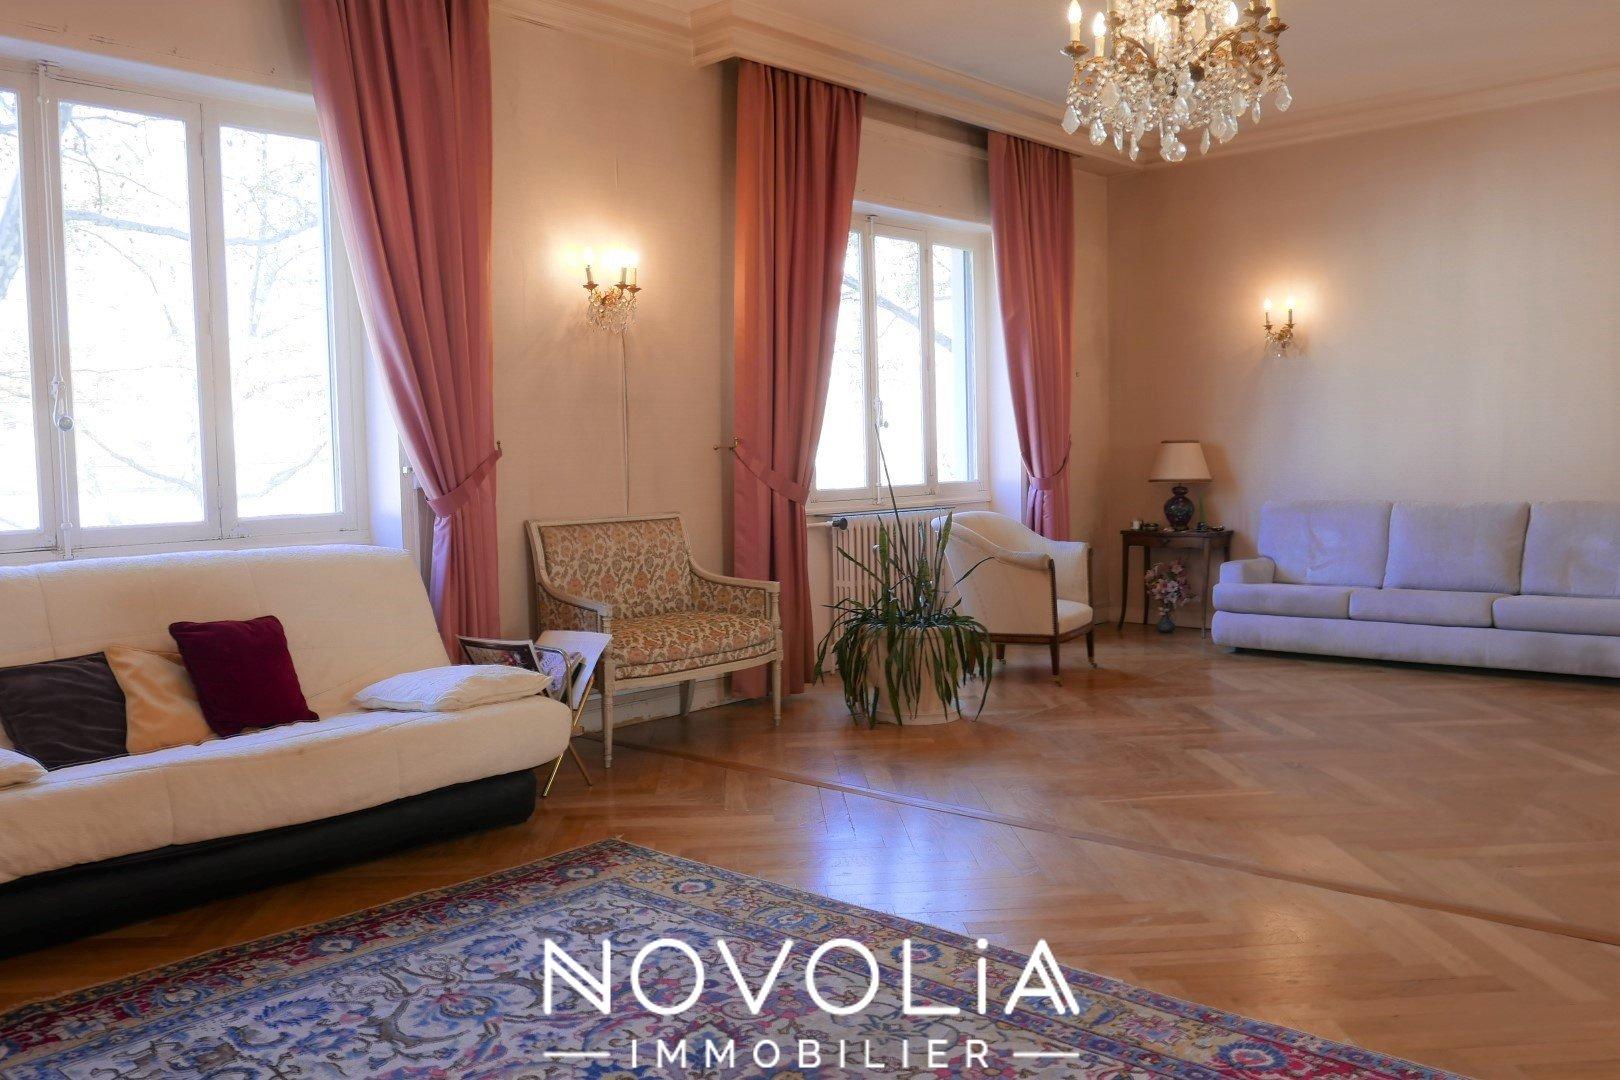 Achat Appartement Surface de 96.53 m²/ Total carrez : 96.53 m², 4 pièces, Lyon 7ème (69007)